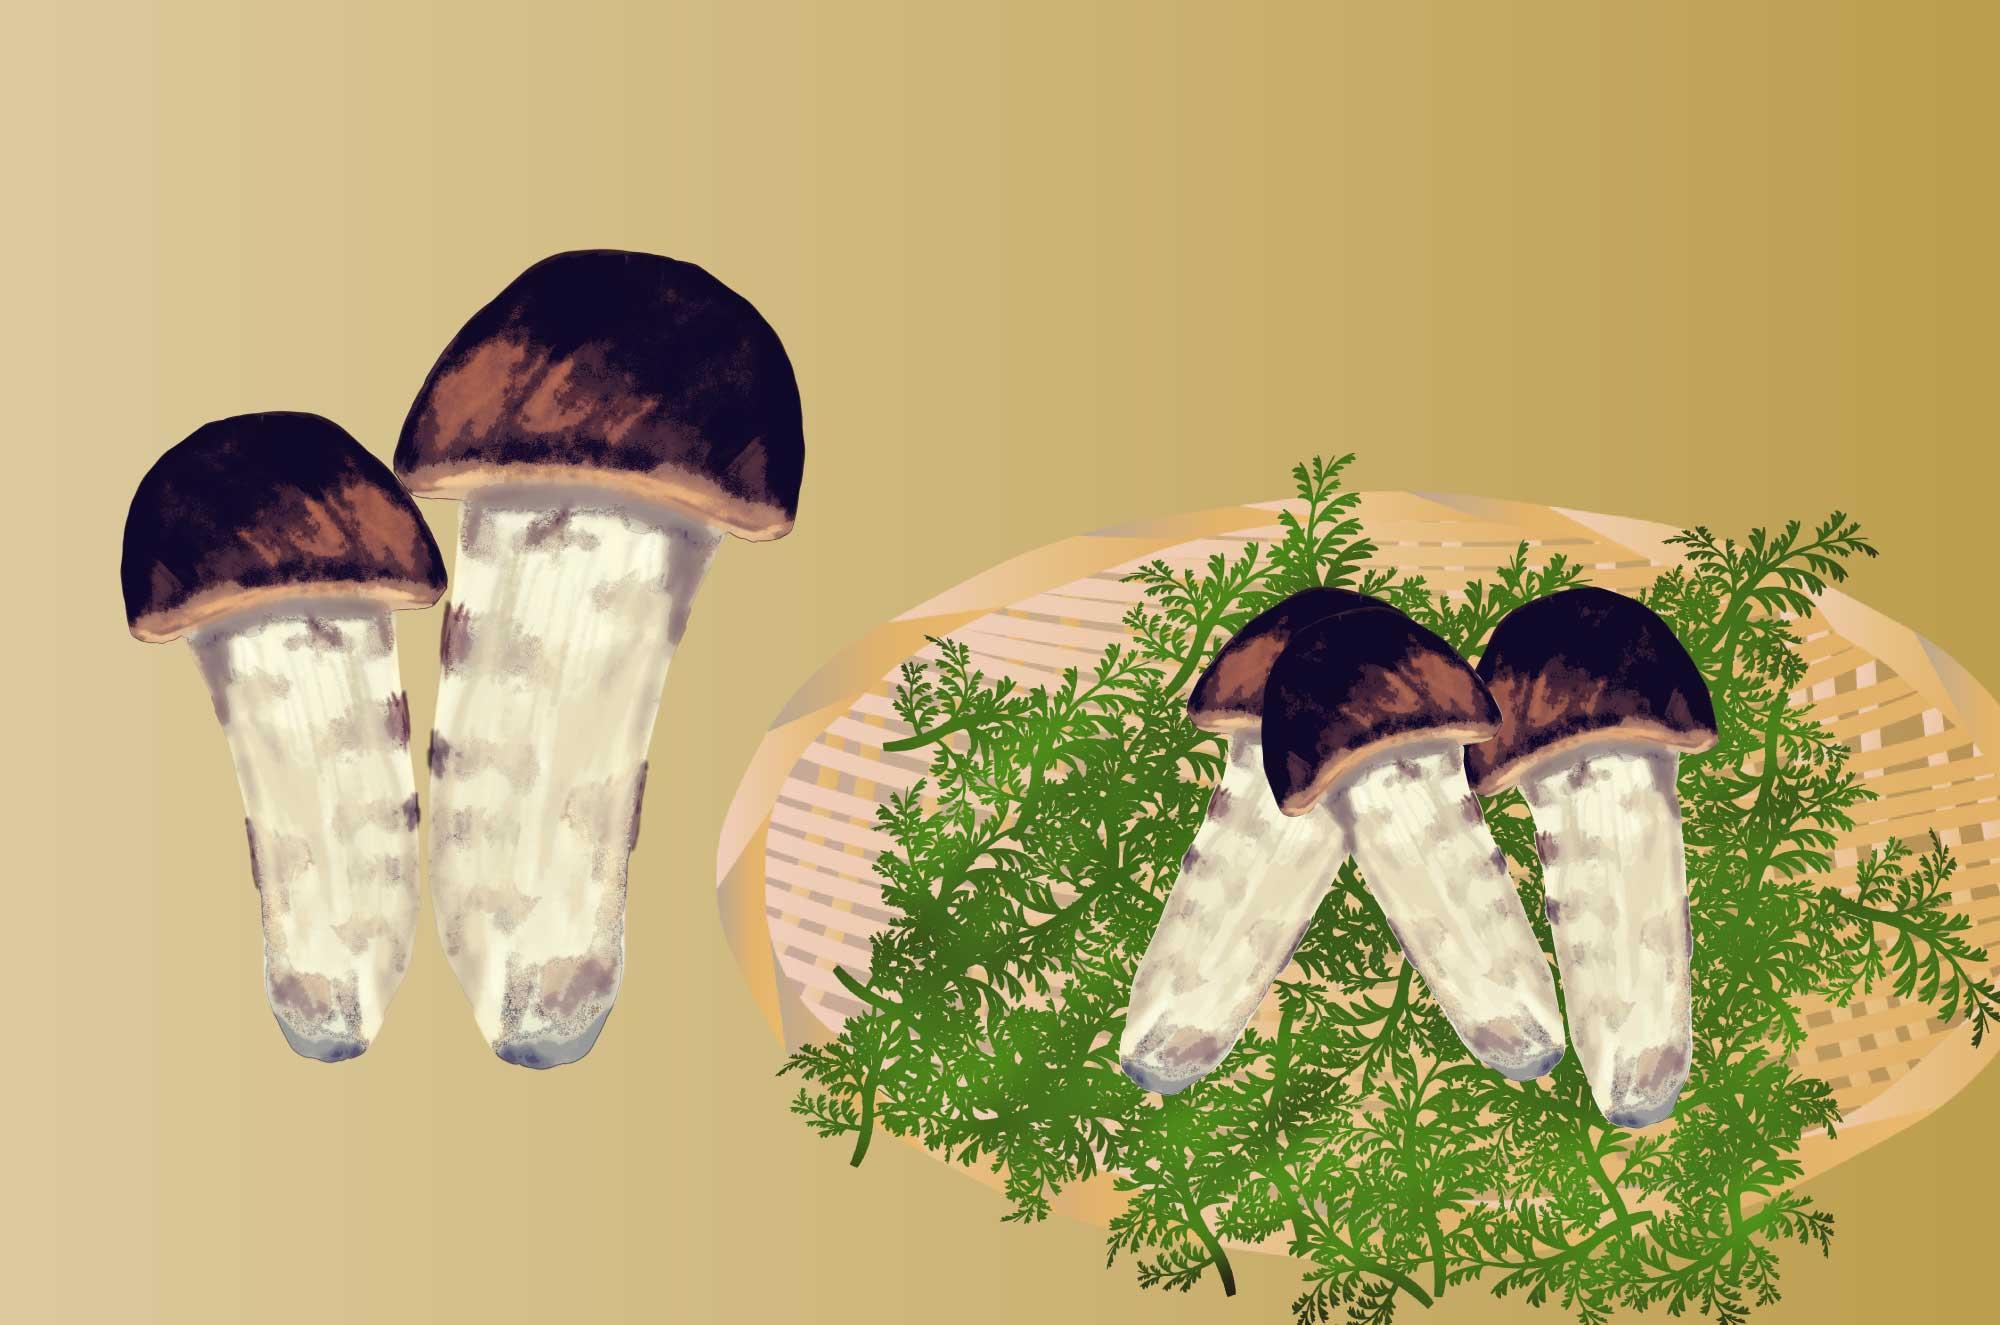 松茸の無料イラスト - 高級きのこのフリー素材